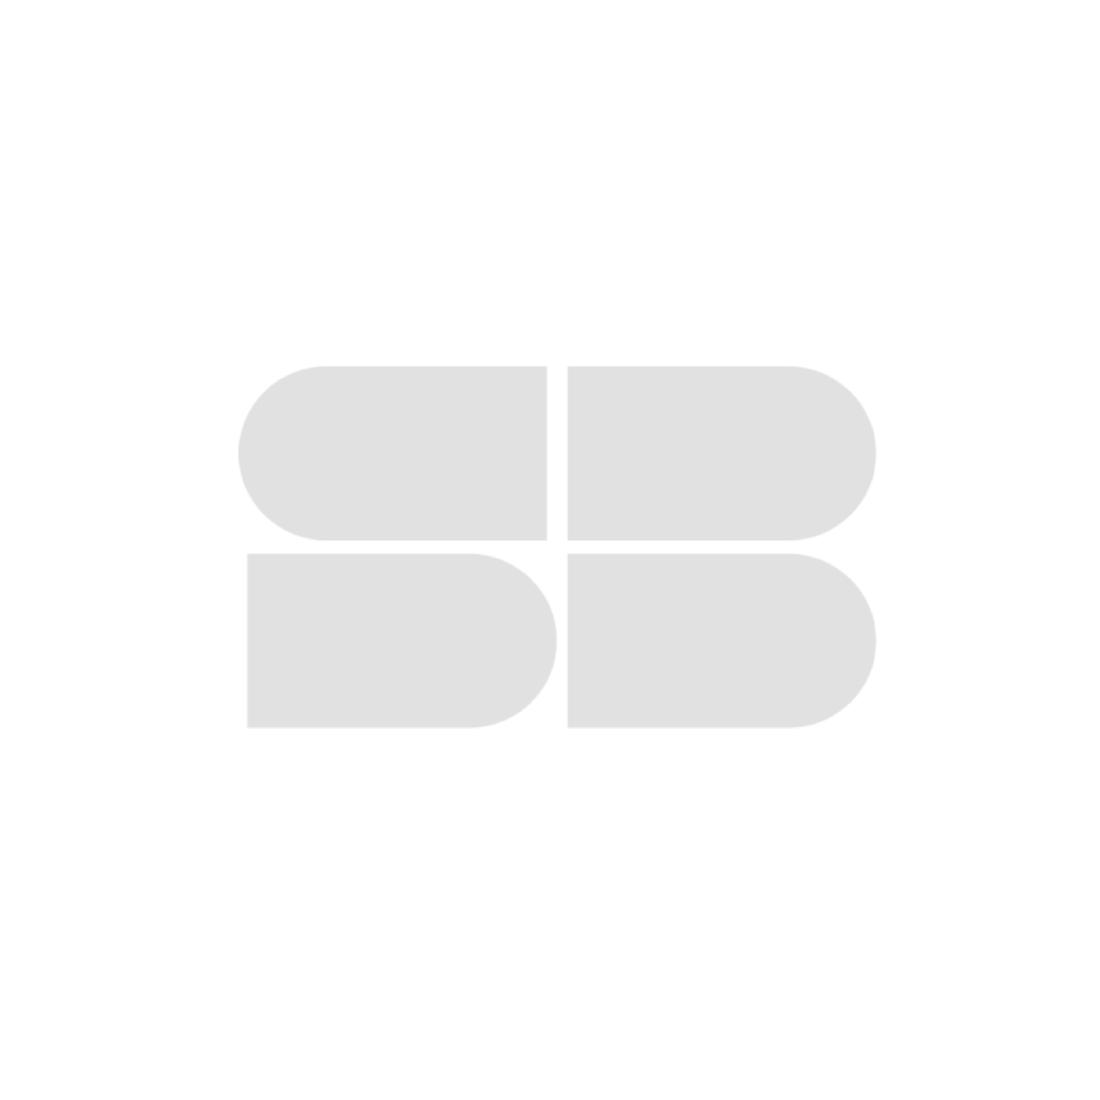 39013175-mattress-bedding-mattresses-foam-mattresses-31